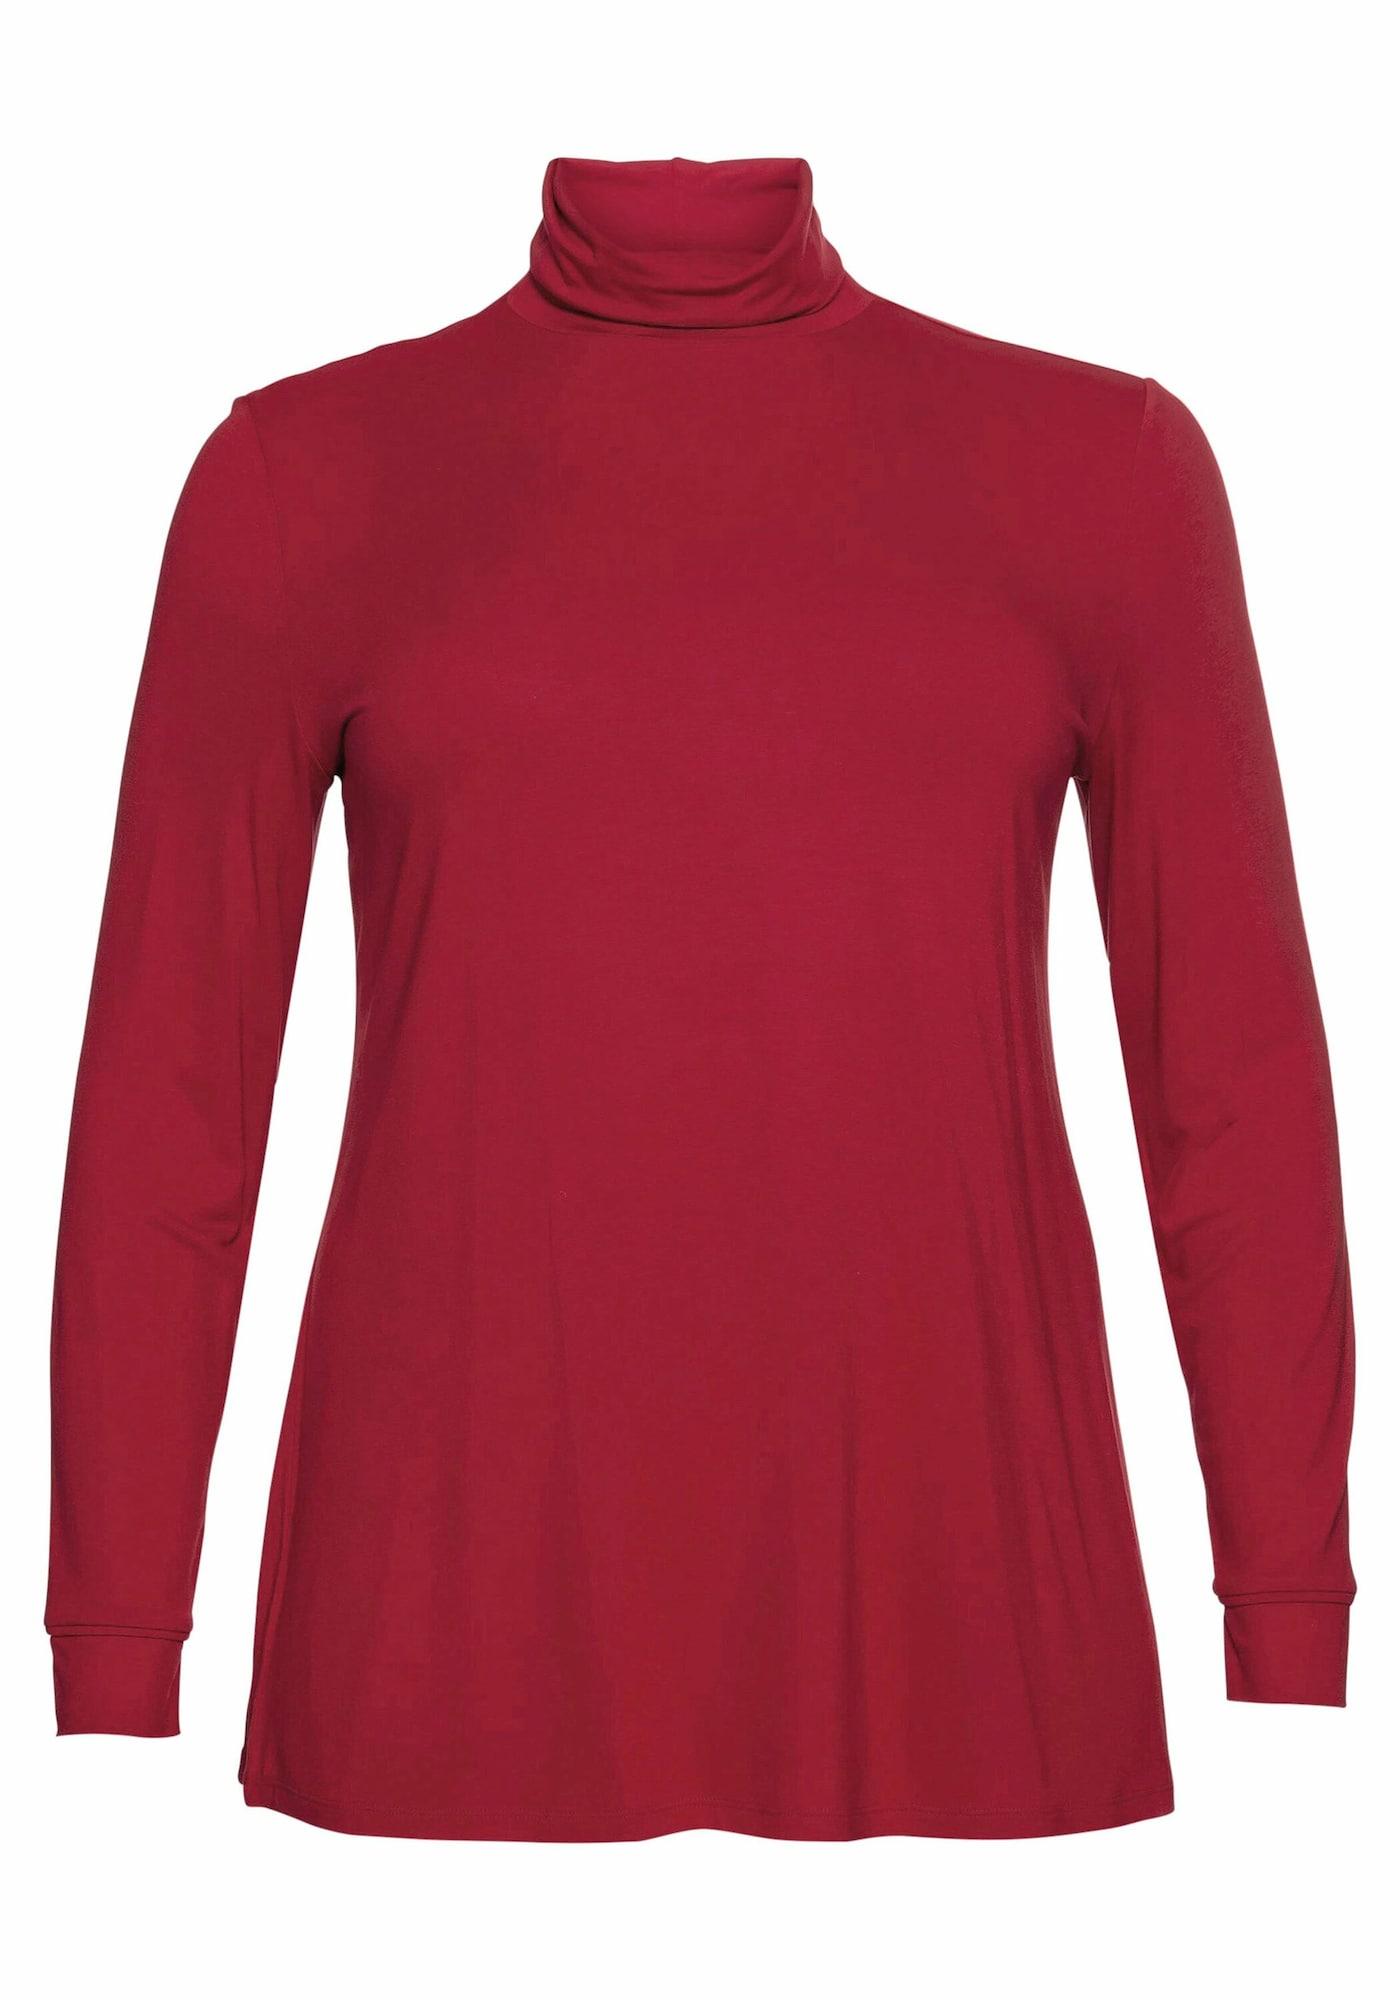 SHEEGO Marškinėliai karmino raudona